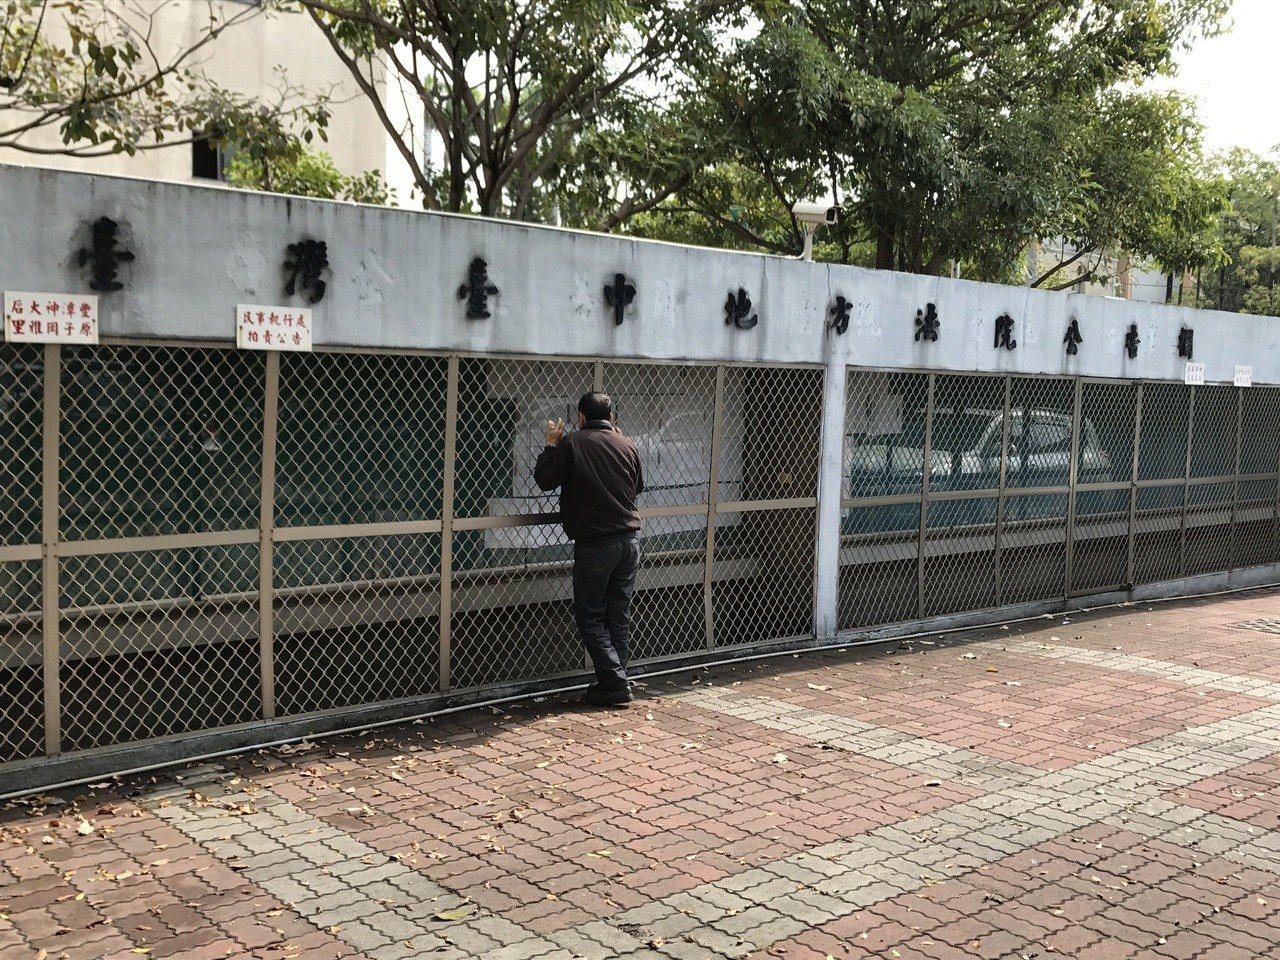 台中市劉姓男子去年11月辱罵鄰居,遭台中地院判拘役20天。圖/本報資料相片